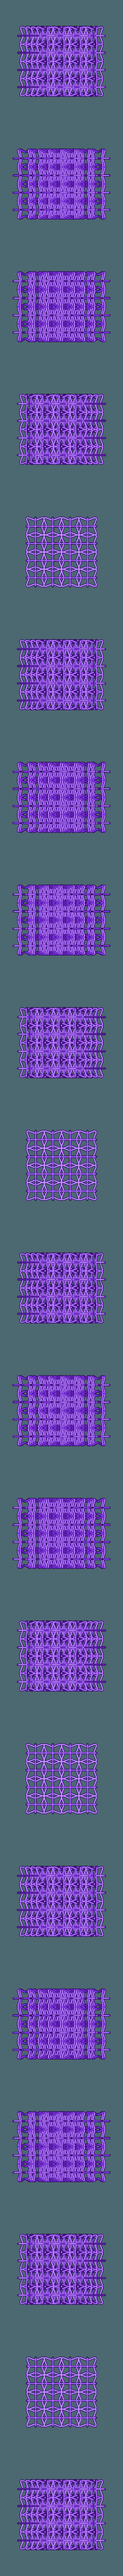 A2_7_4x4.stl Télécharger fichier STL gratuit Cellules de l'unité auxiliaire • Objet imprimable en 3D, sjpiper145